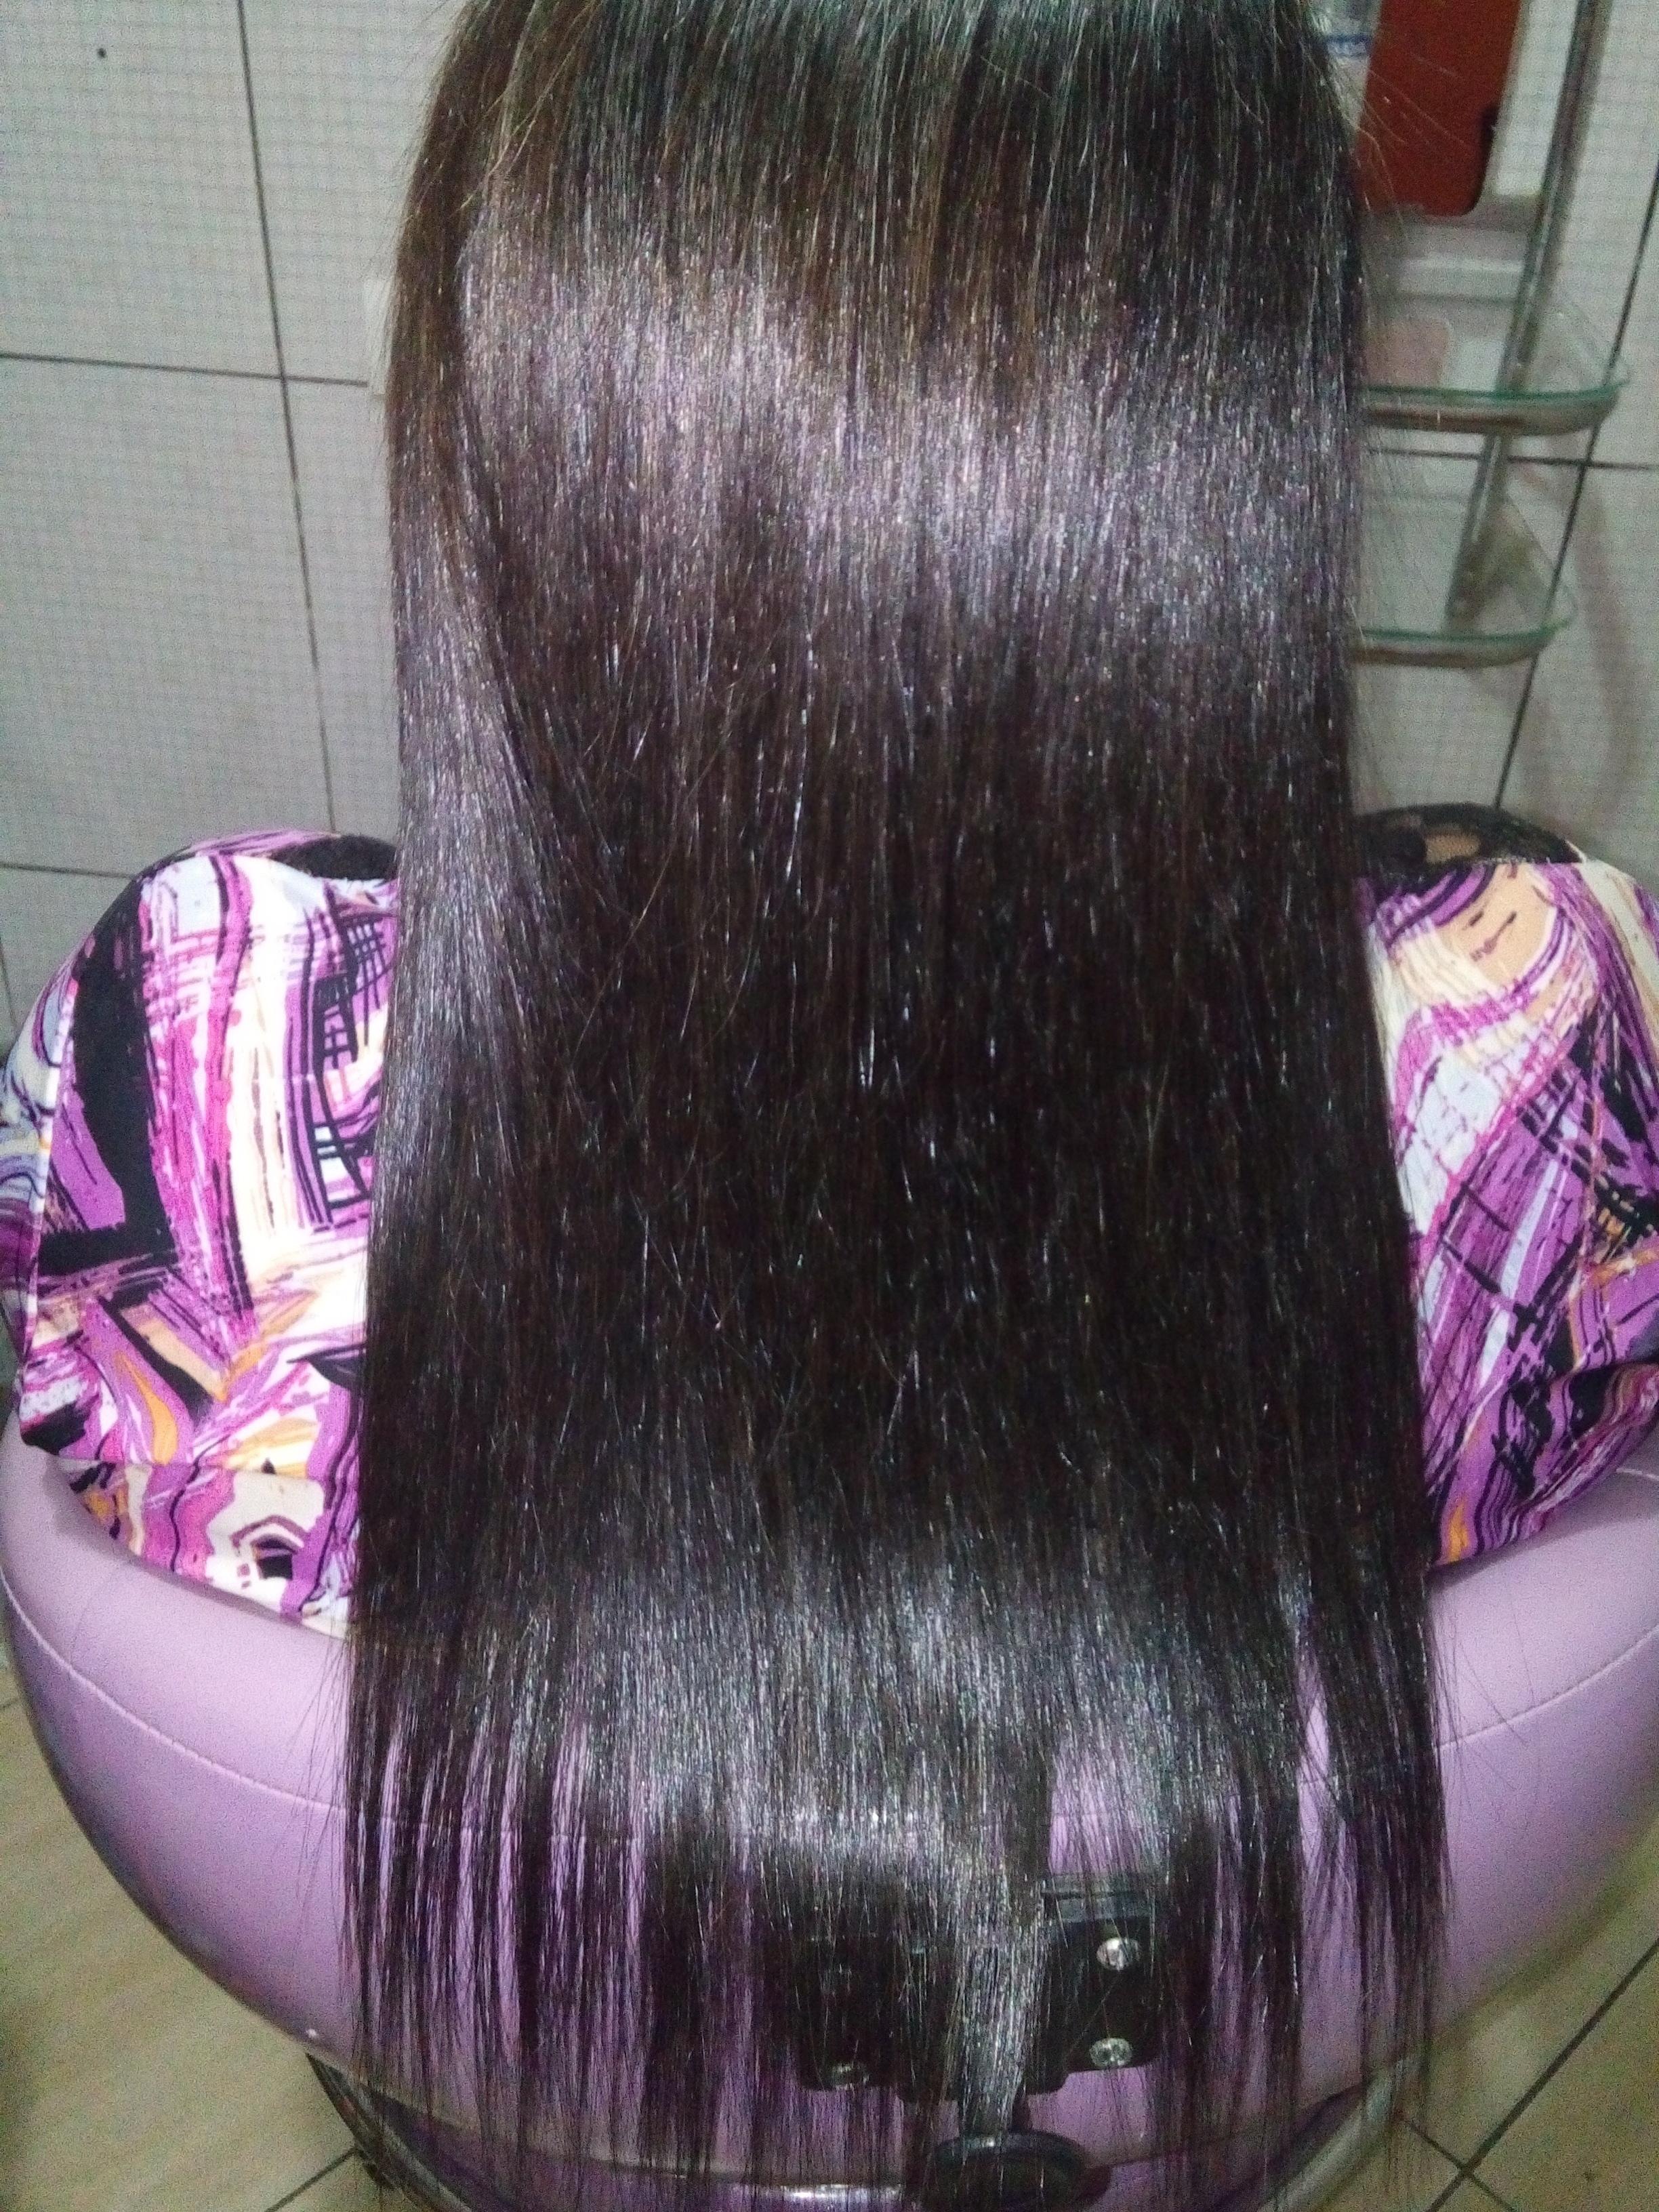 hidrataçao com escova  cabelo recepcionista